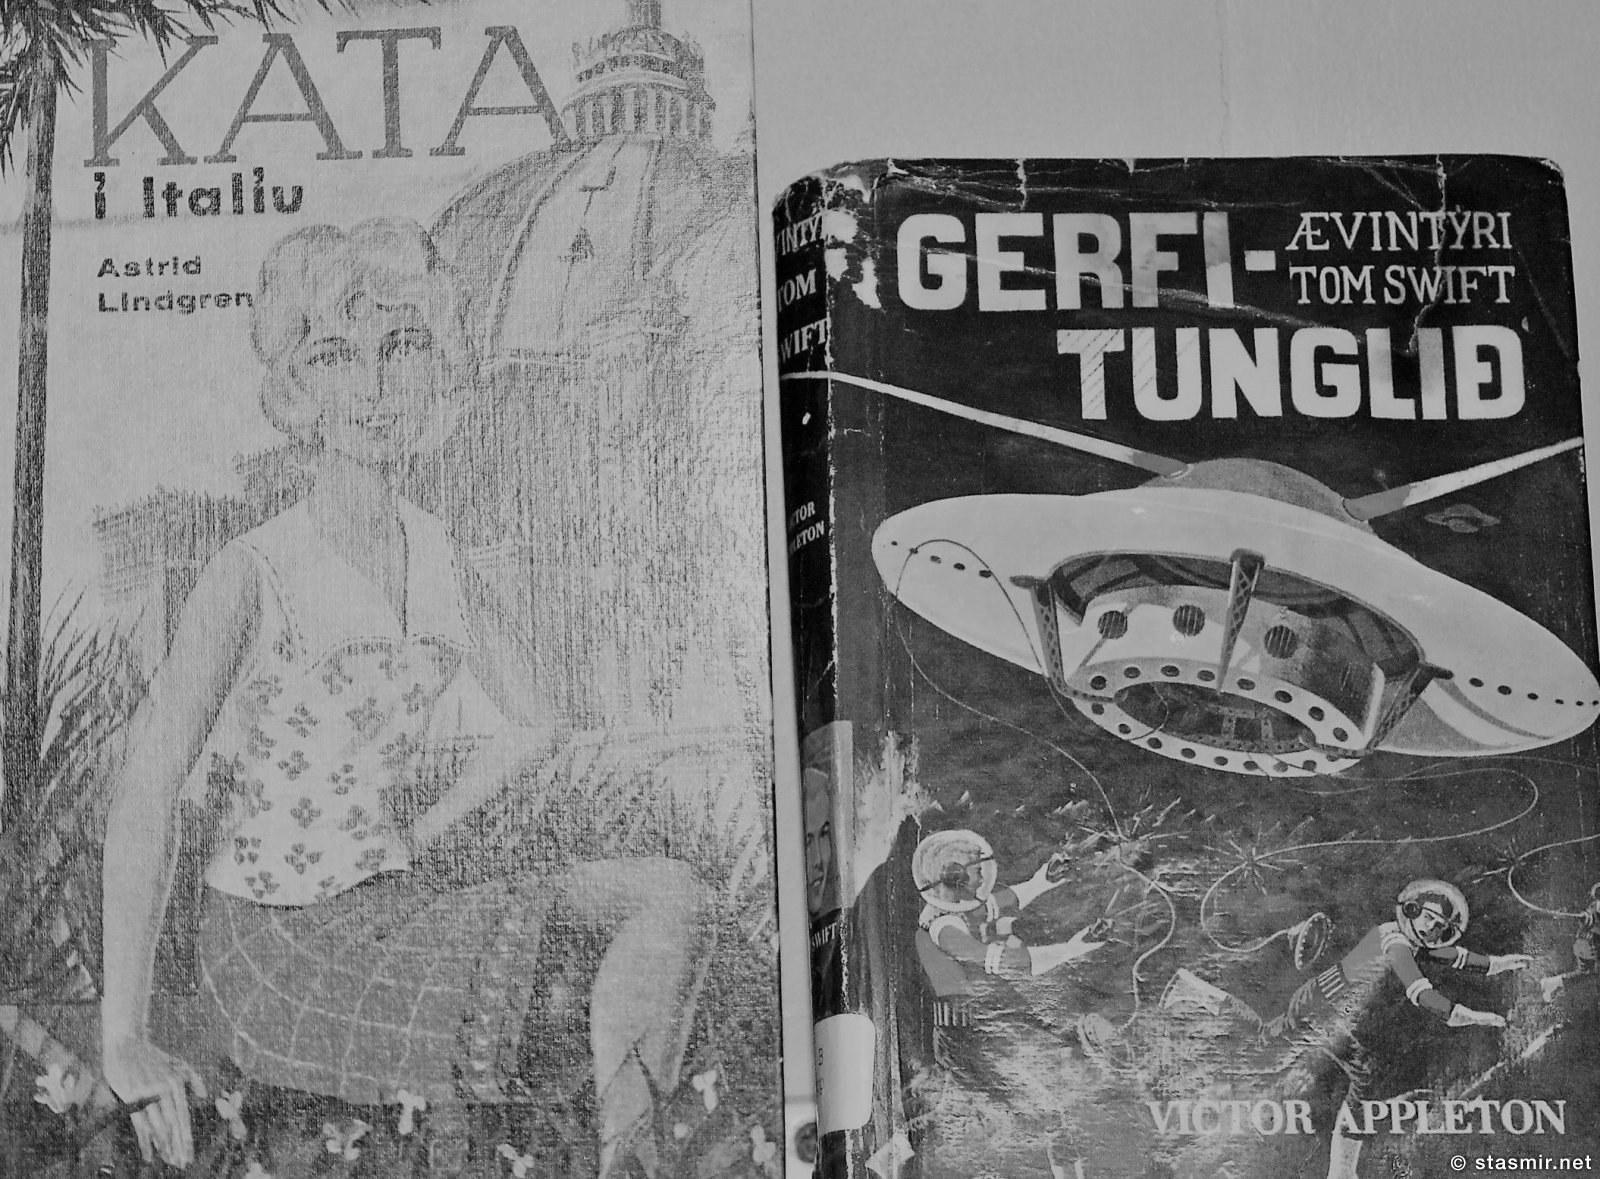 Катя в Италии, автор Астрид Лингрен, в исландском переводе, фото Стасмир, photo Stasmir